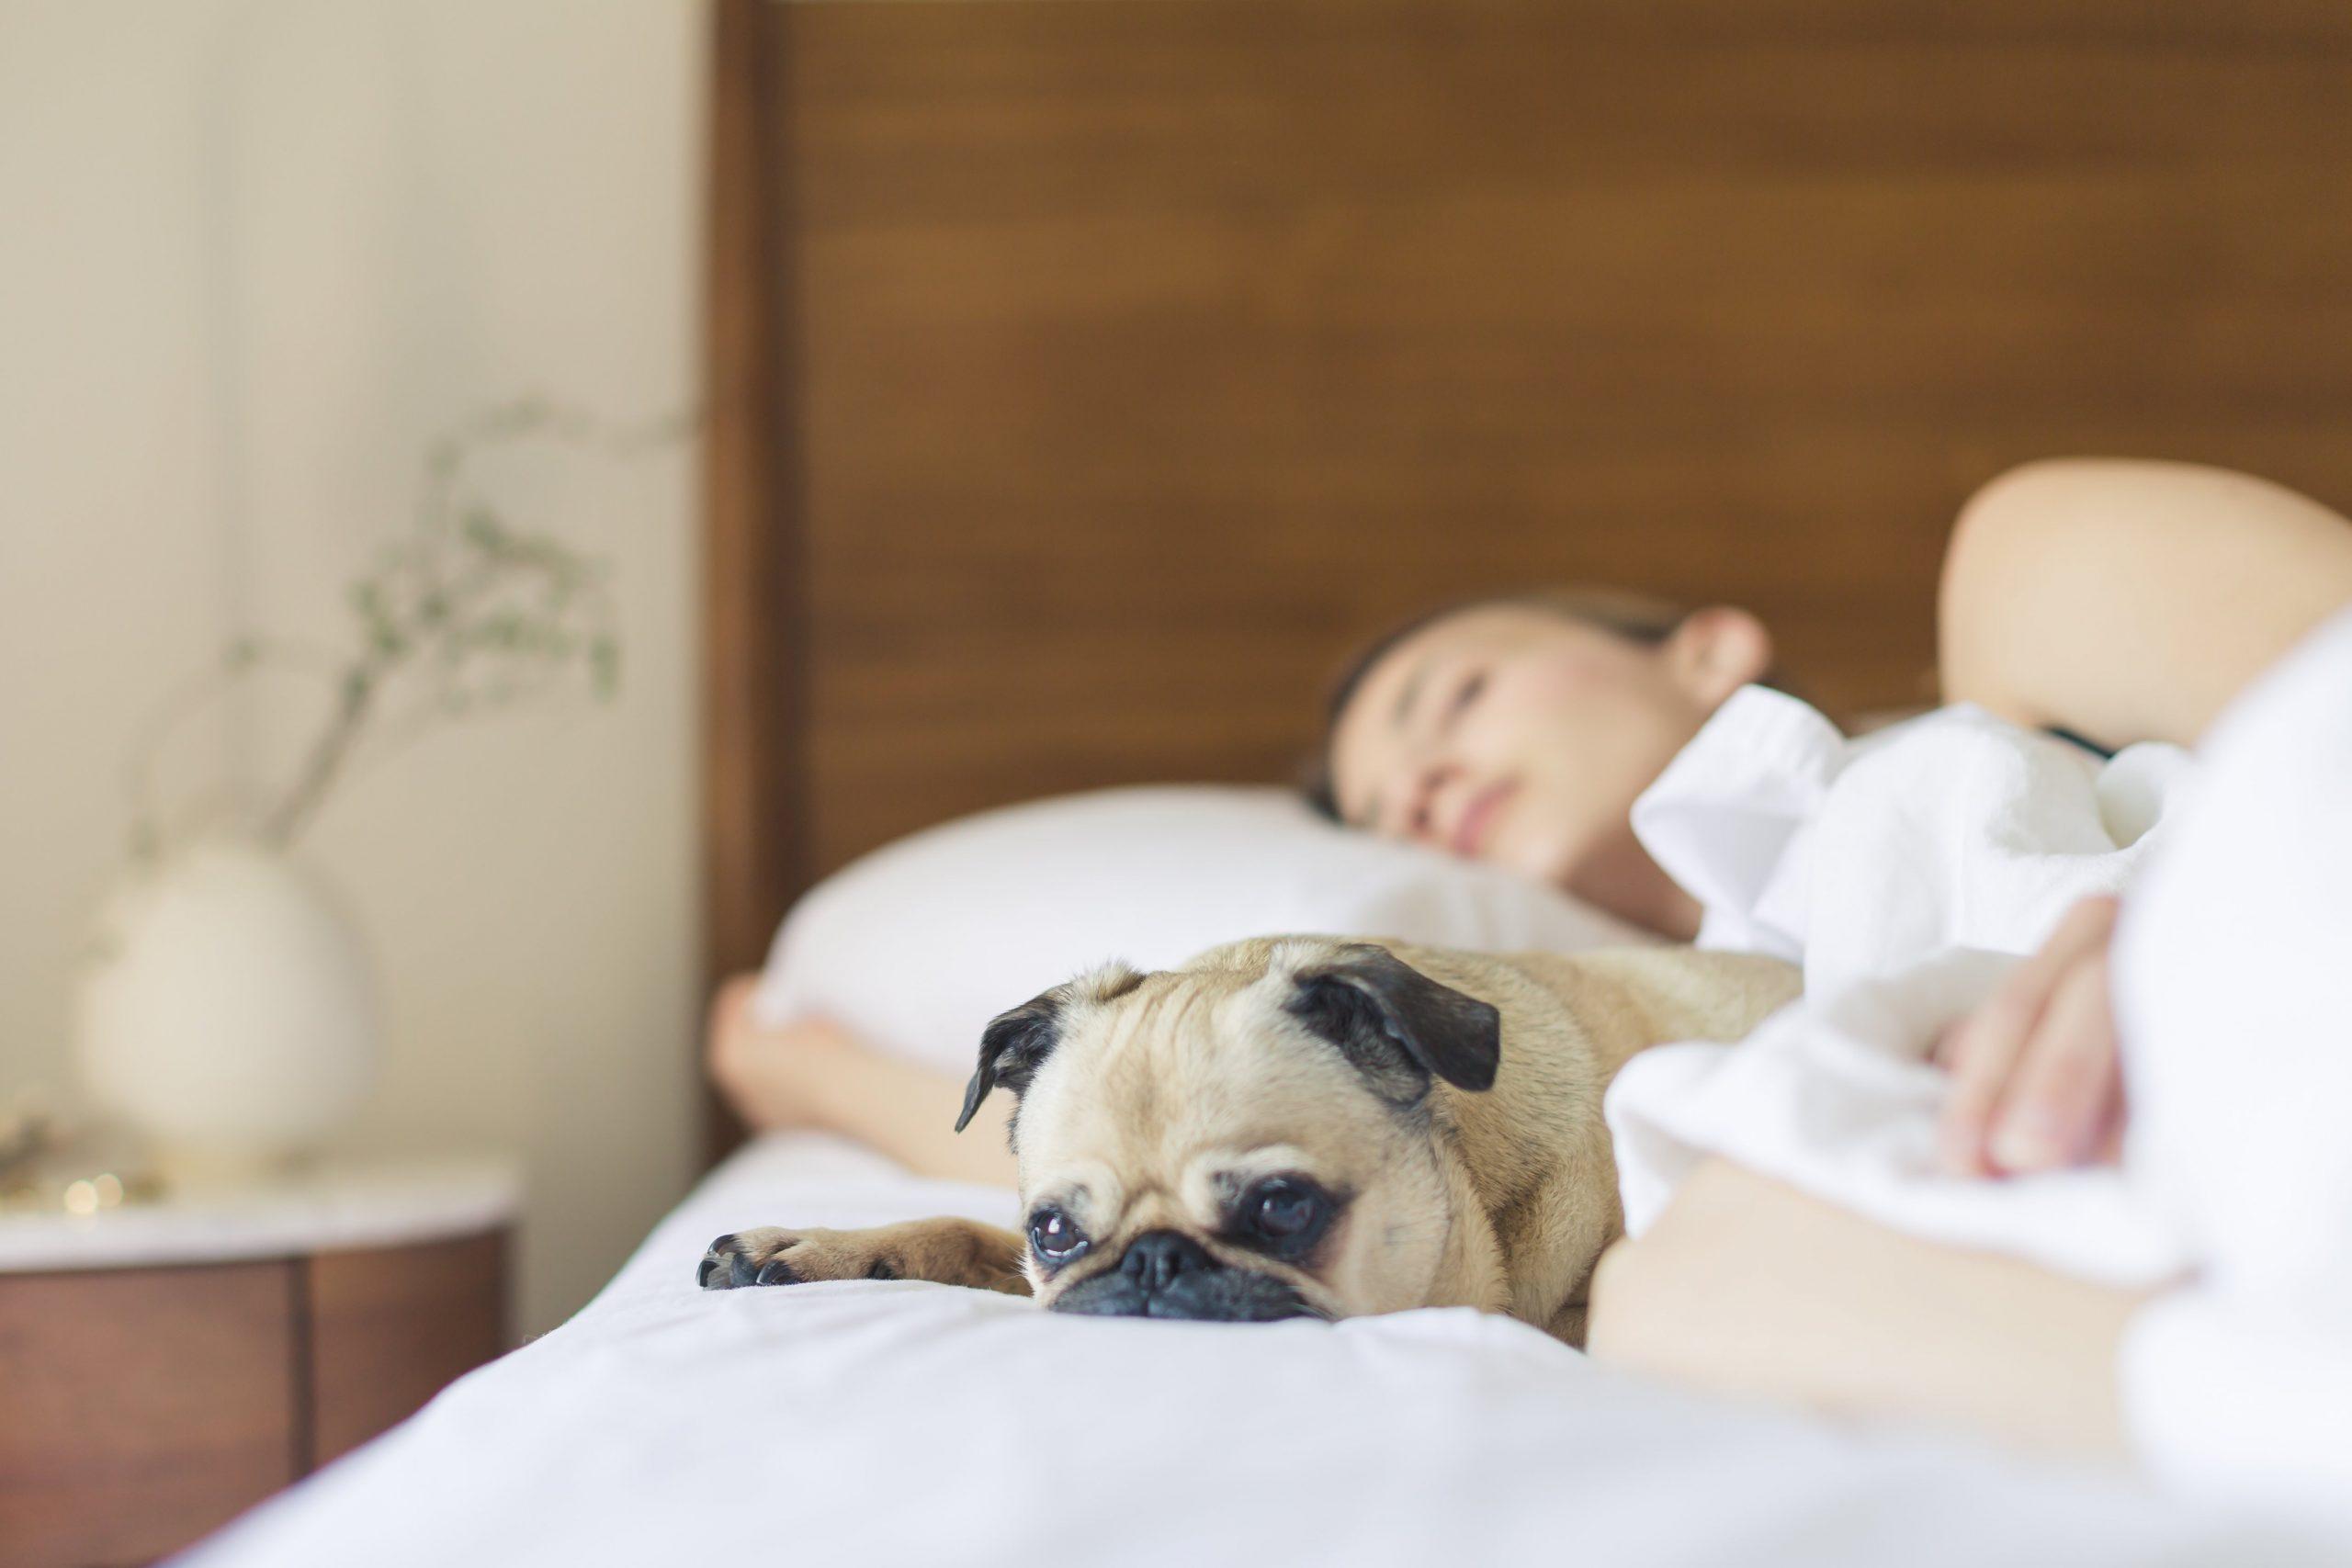 Na foto uma mulher dormindo em uma cama ao lado de um cachorro da raça Pug.